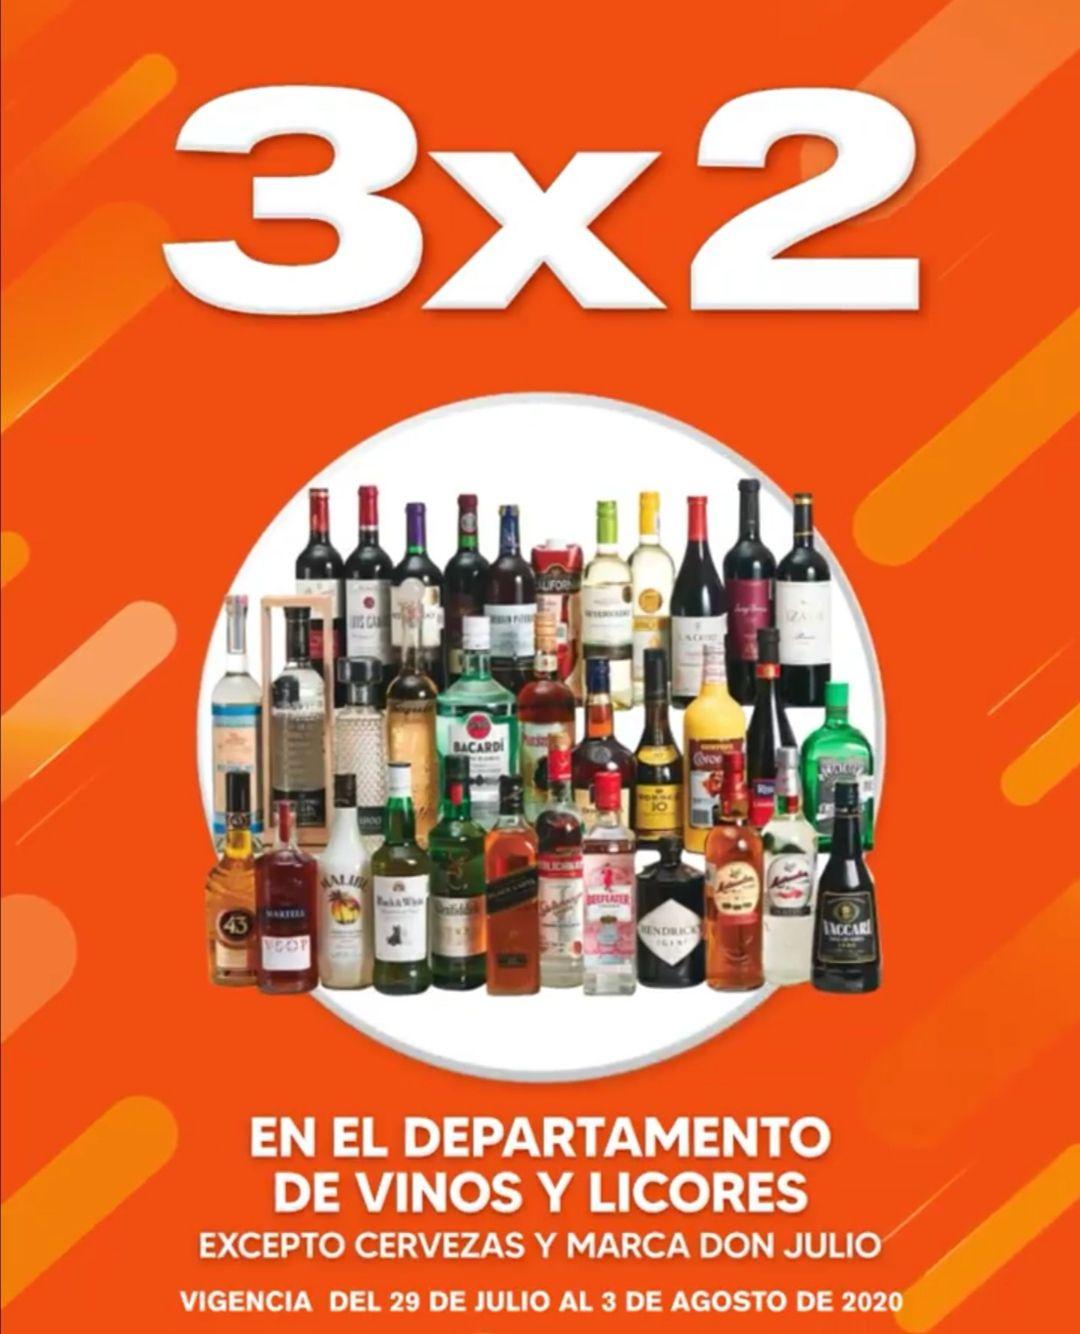 La Comer: Temporada Naranja 2020: 3 x 2 en todo el departamento de vinos y licores